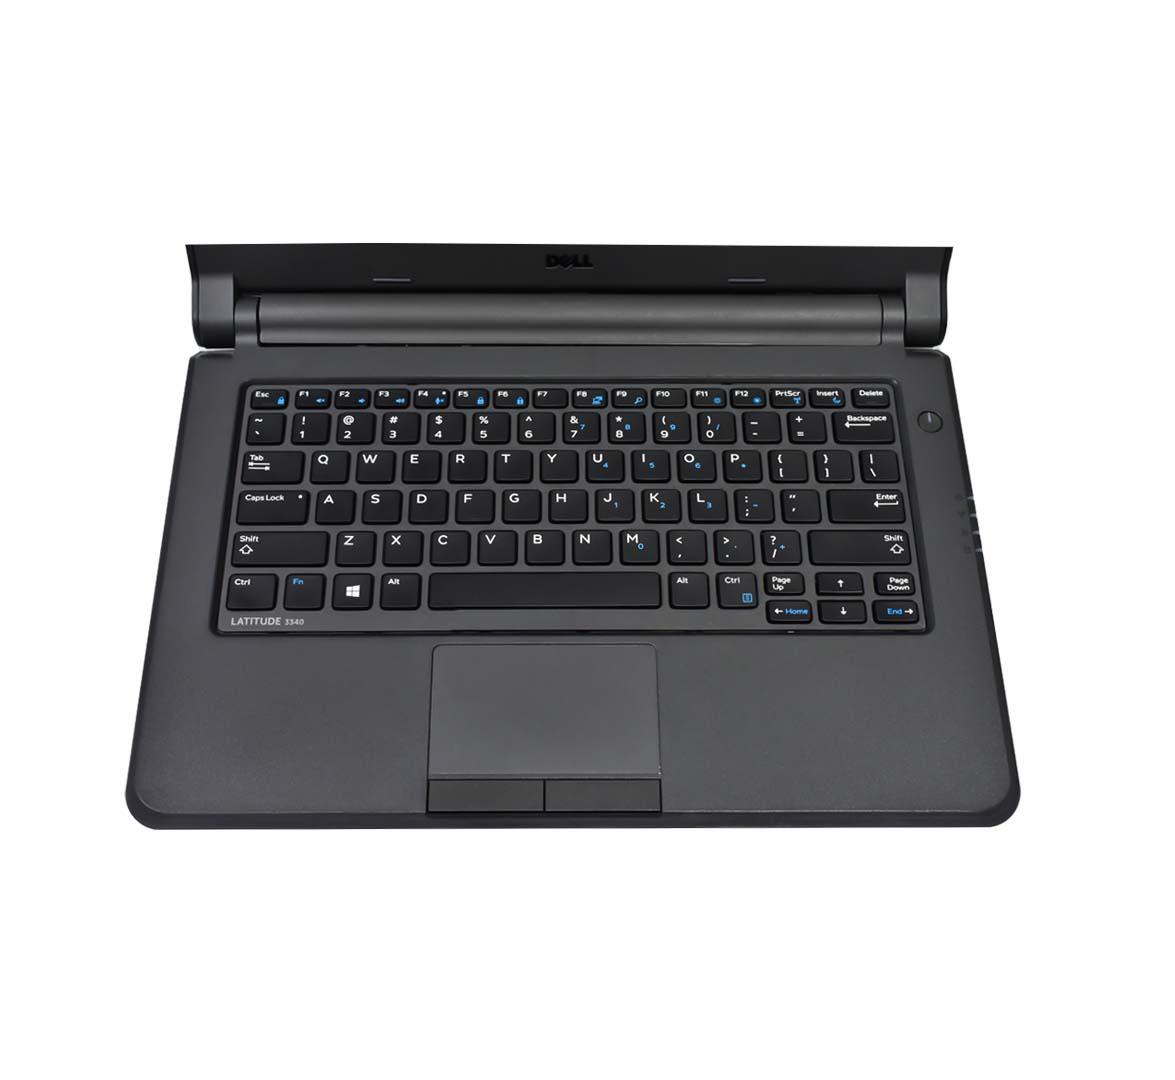 Dell Latitude 3340 Business Laptop, Intel Core i5-4210U CPU, 8GB DDR3L SODIMM RAM, 256GB SSD 2.5, 13 inch Display, Windows 10 pro (Refurbished)